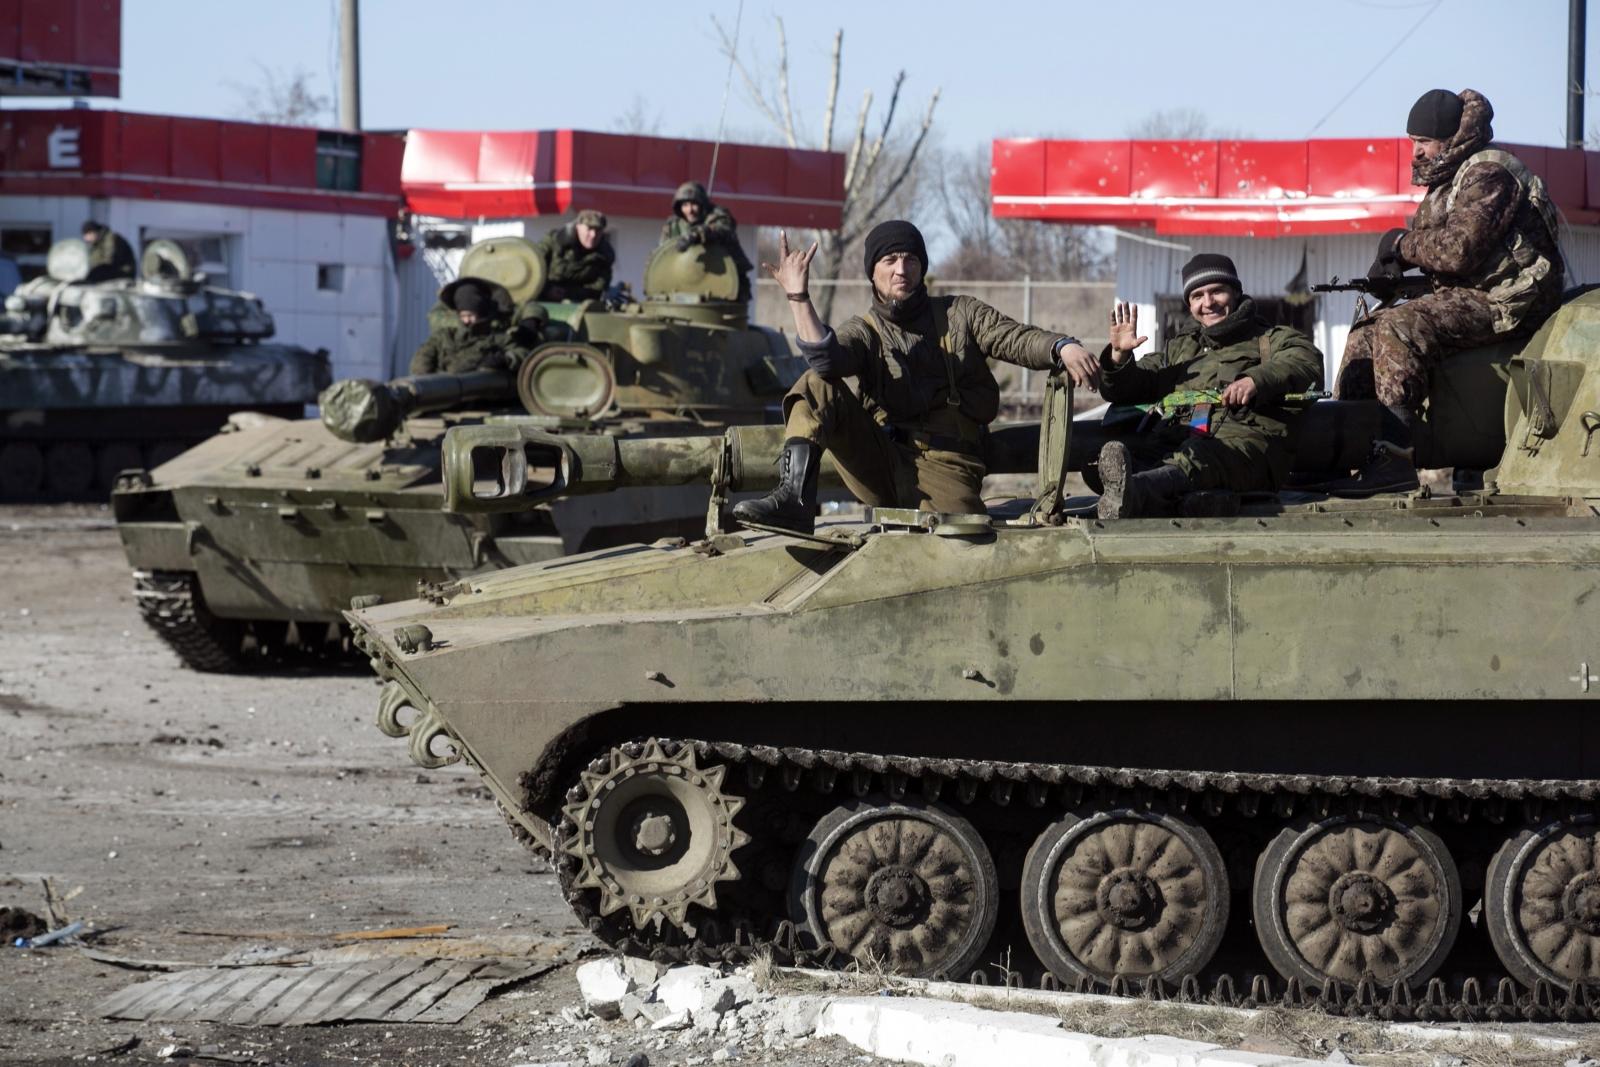 Pro-Russian rebels Ukraine